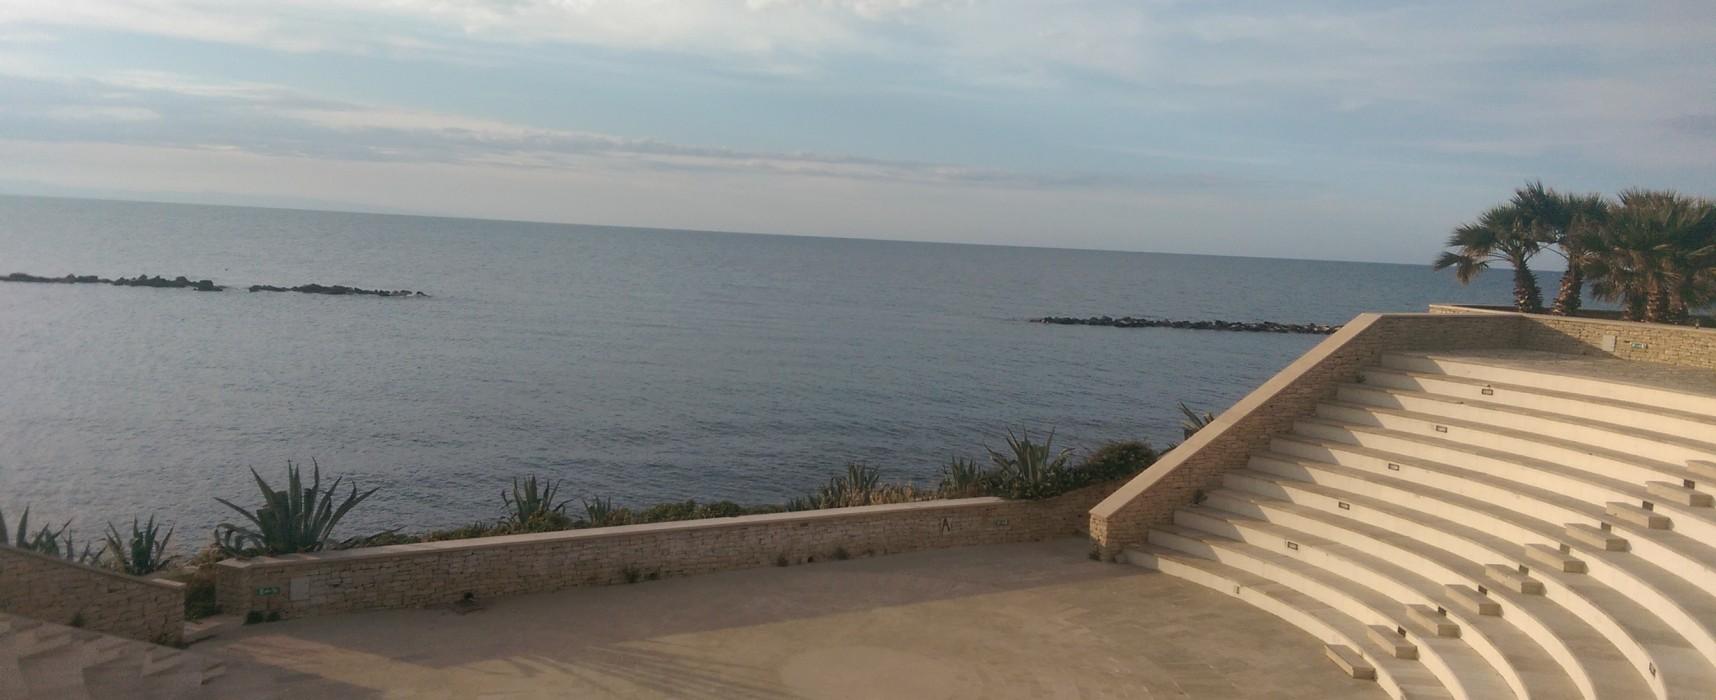 Al Teatro Mediterraneo spettacolo di… degrado e spreco d'acqua. A poche settimane dall'estate